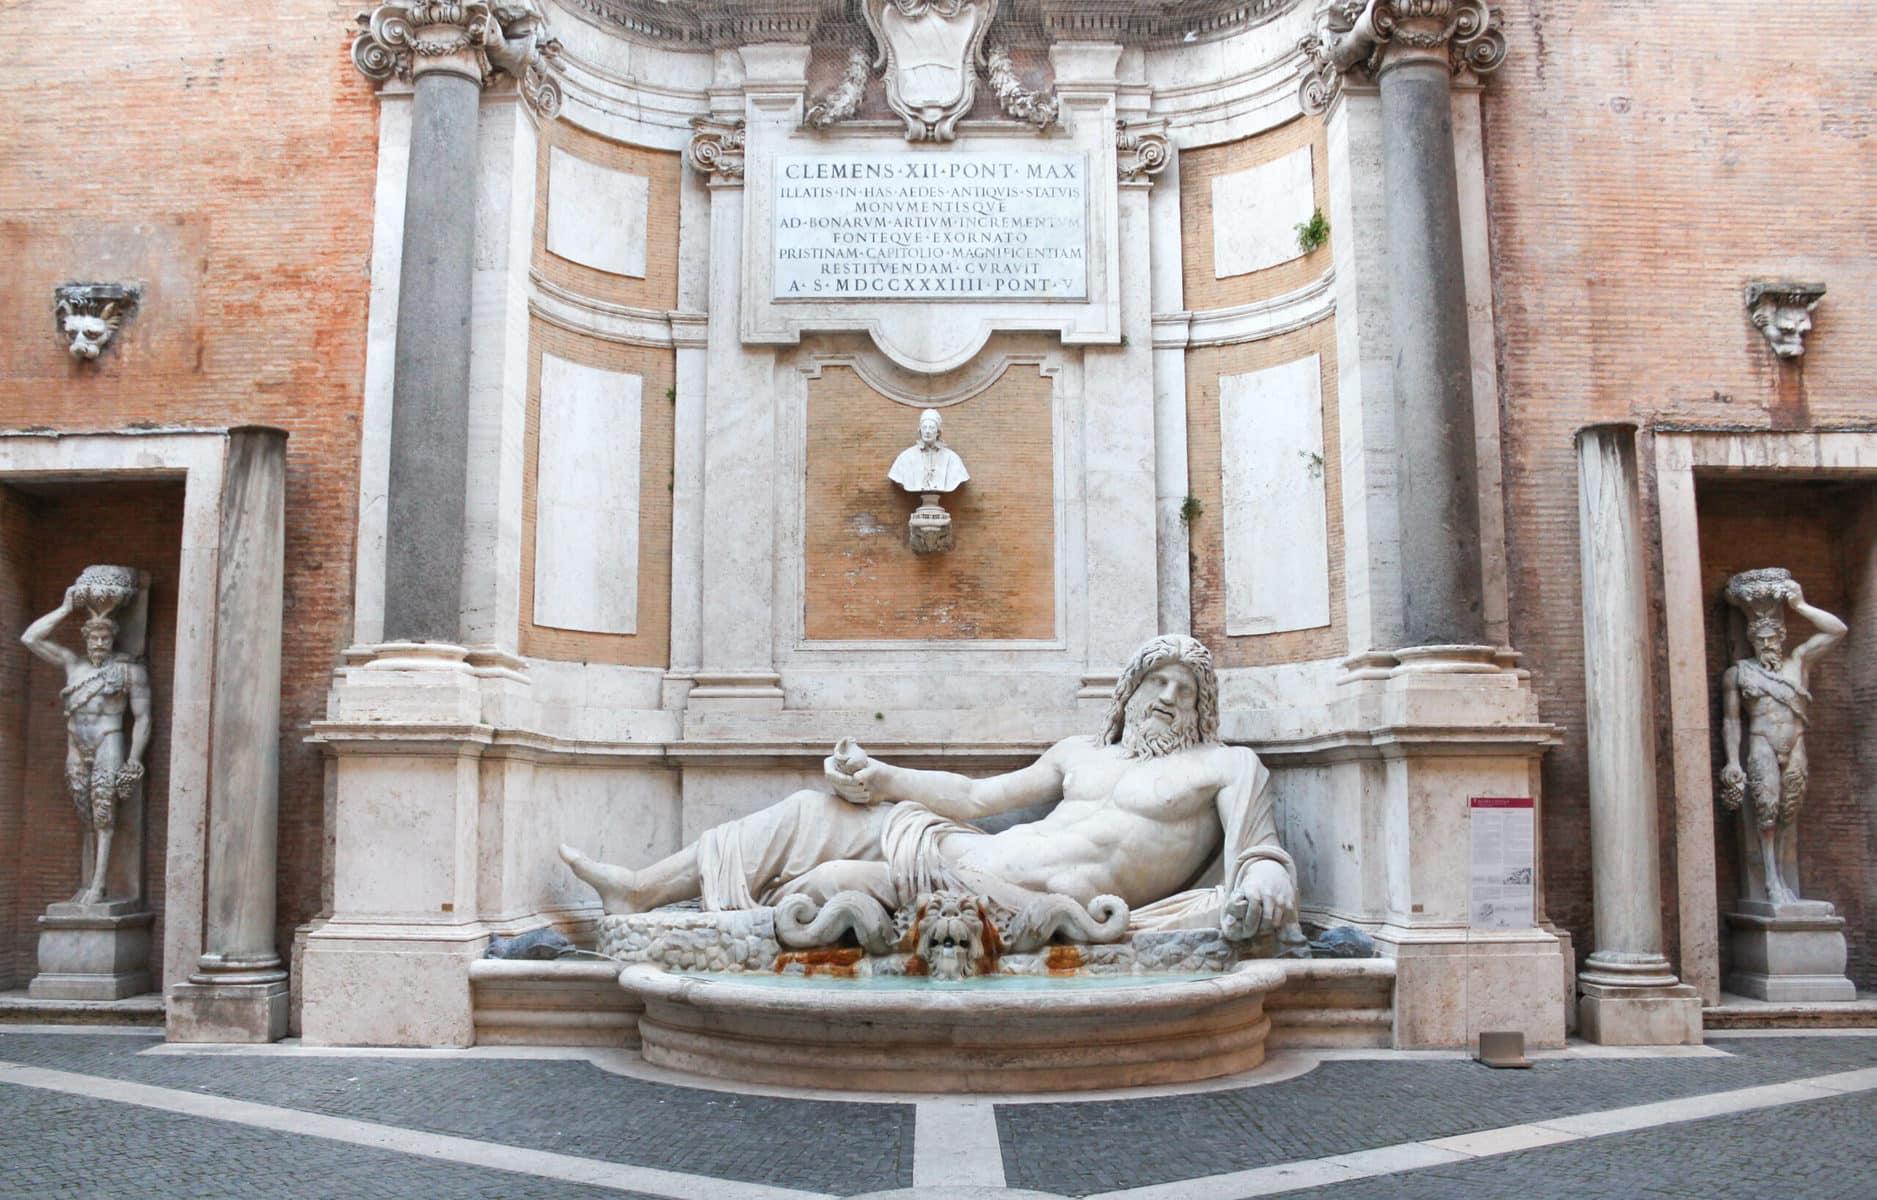 Marforio (Liegender Flußgott), Kapitolinische Museen, Rom